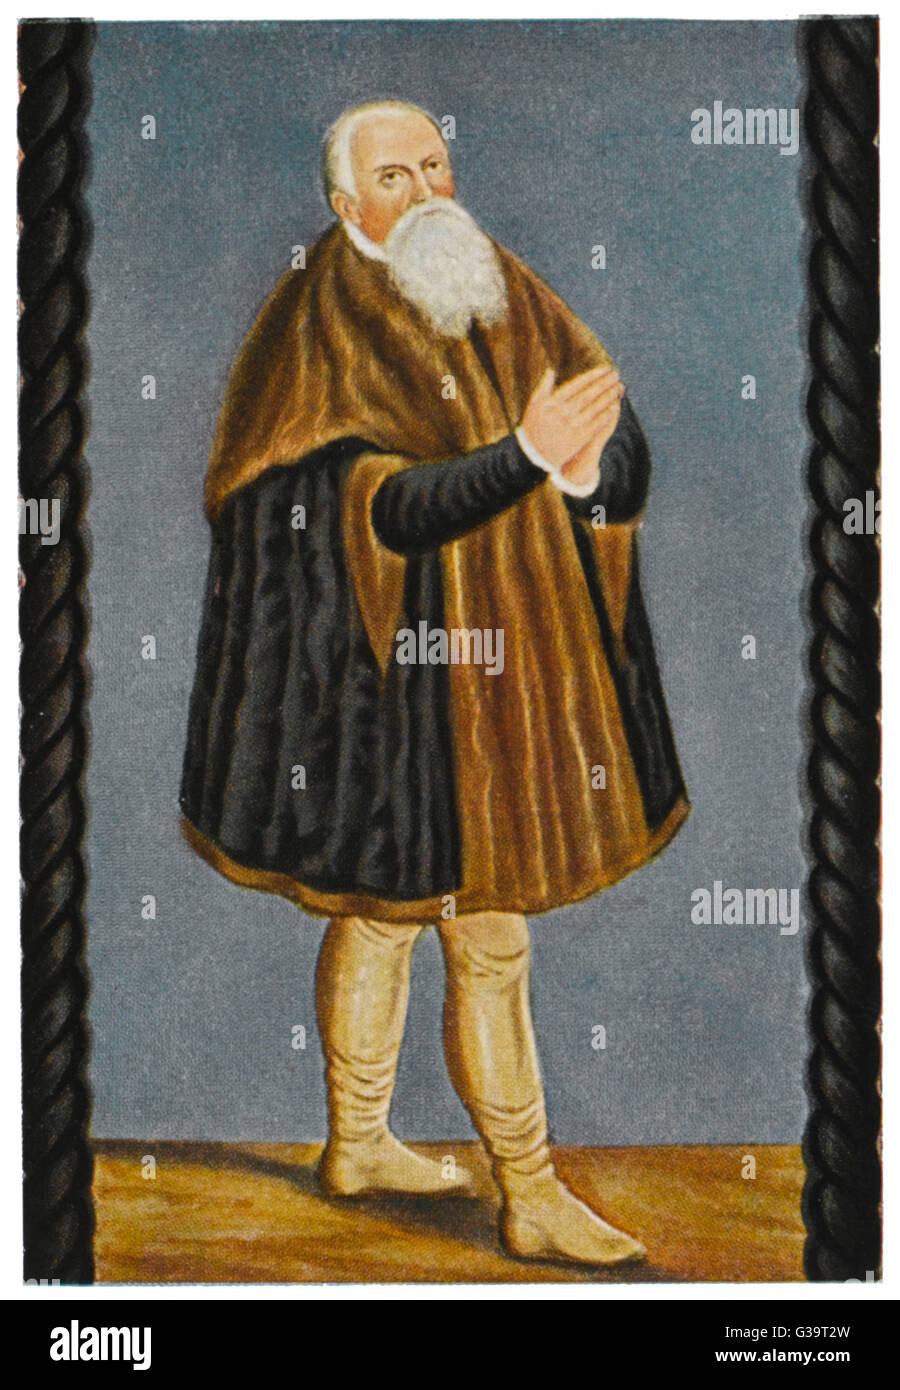 LUCAS CRANACH pittore tedesco, incisore e xilografia designer data: 1472 - 1553 Immagini Stock